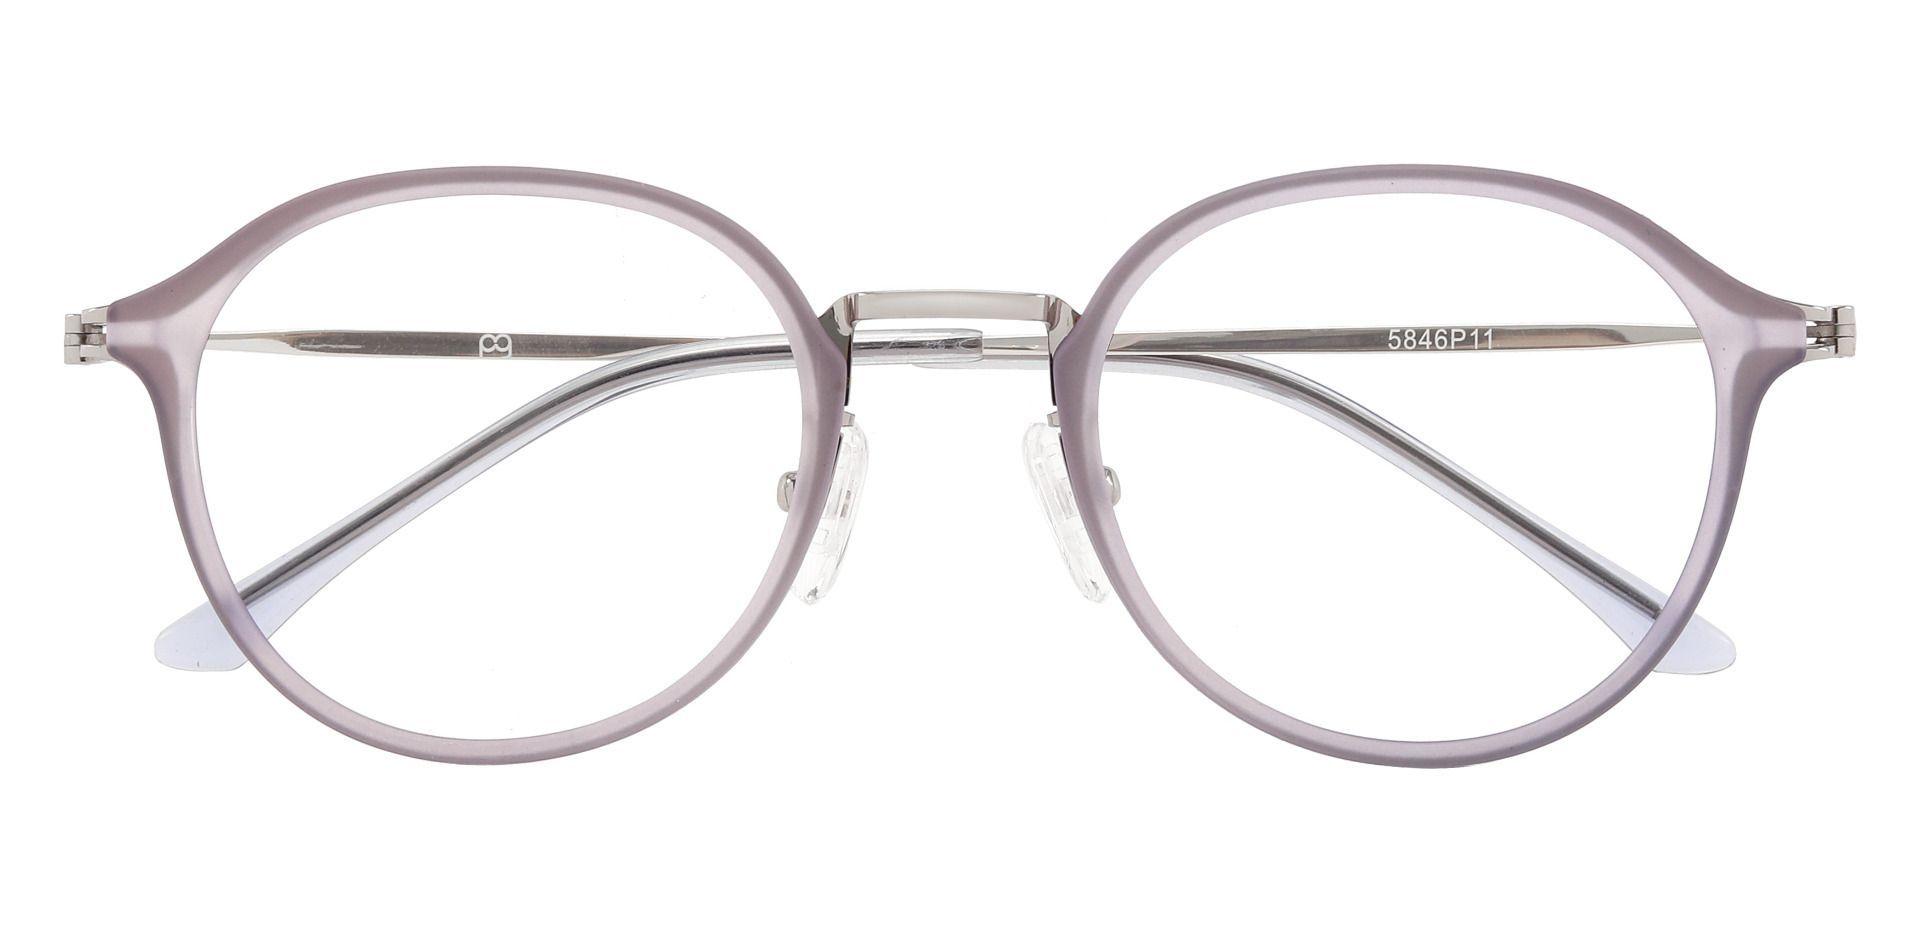 Billings Round Prescription Glasses - Purple